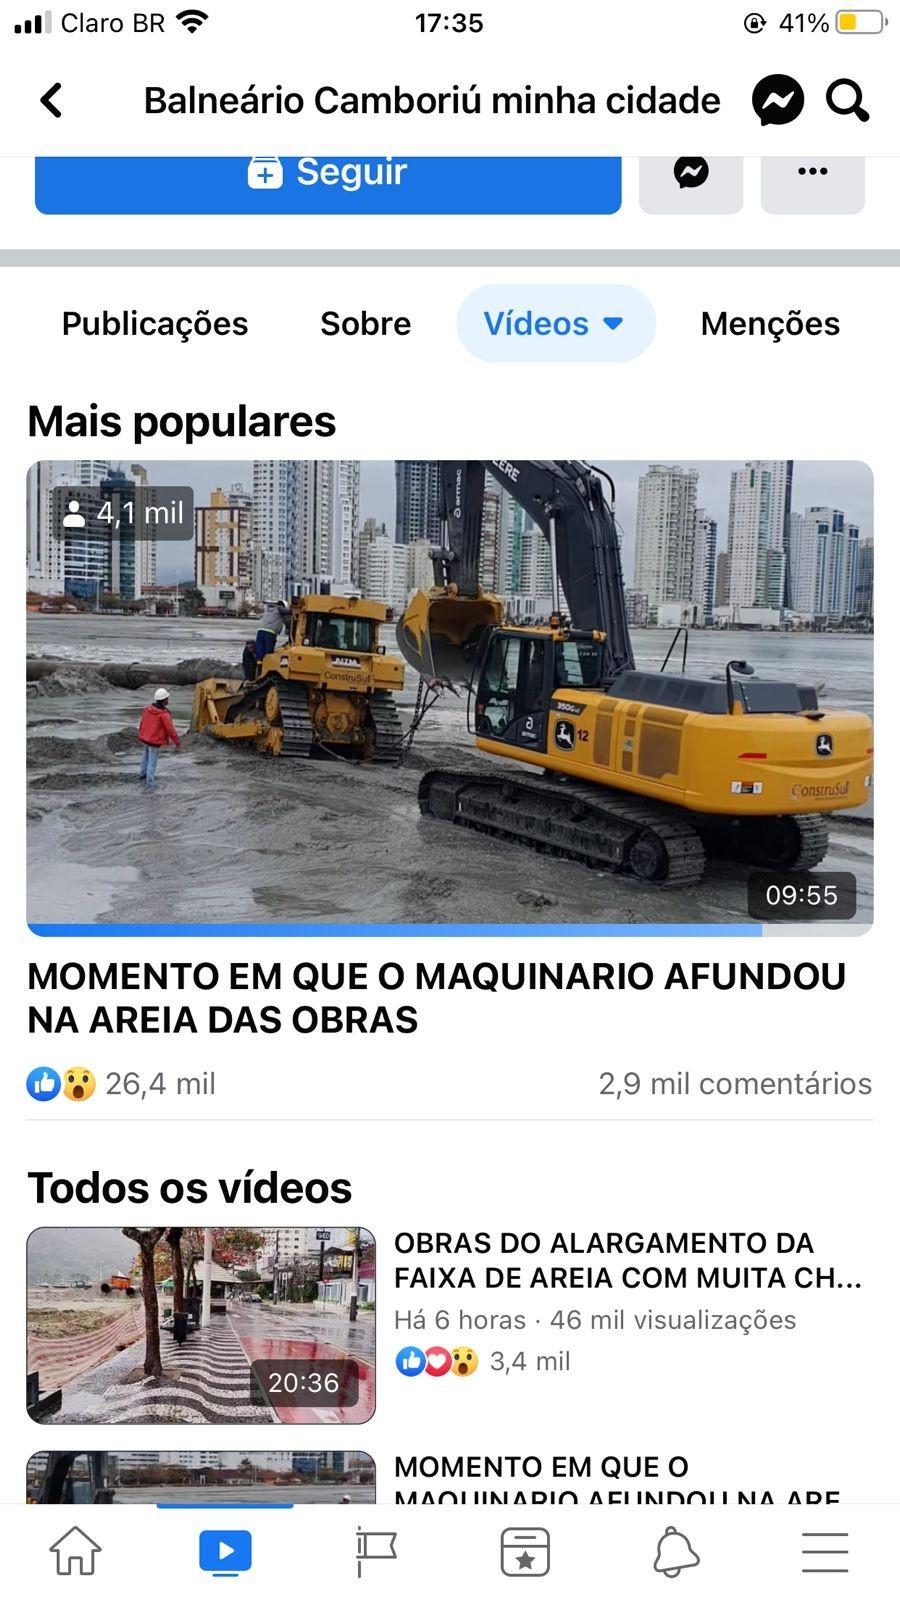 Vídeo mostra máquina sendo 'engolida' pela areia durante obra de alargamento em Balneário Camboriú